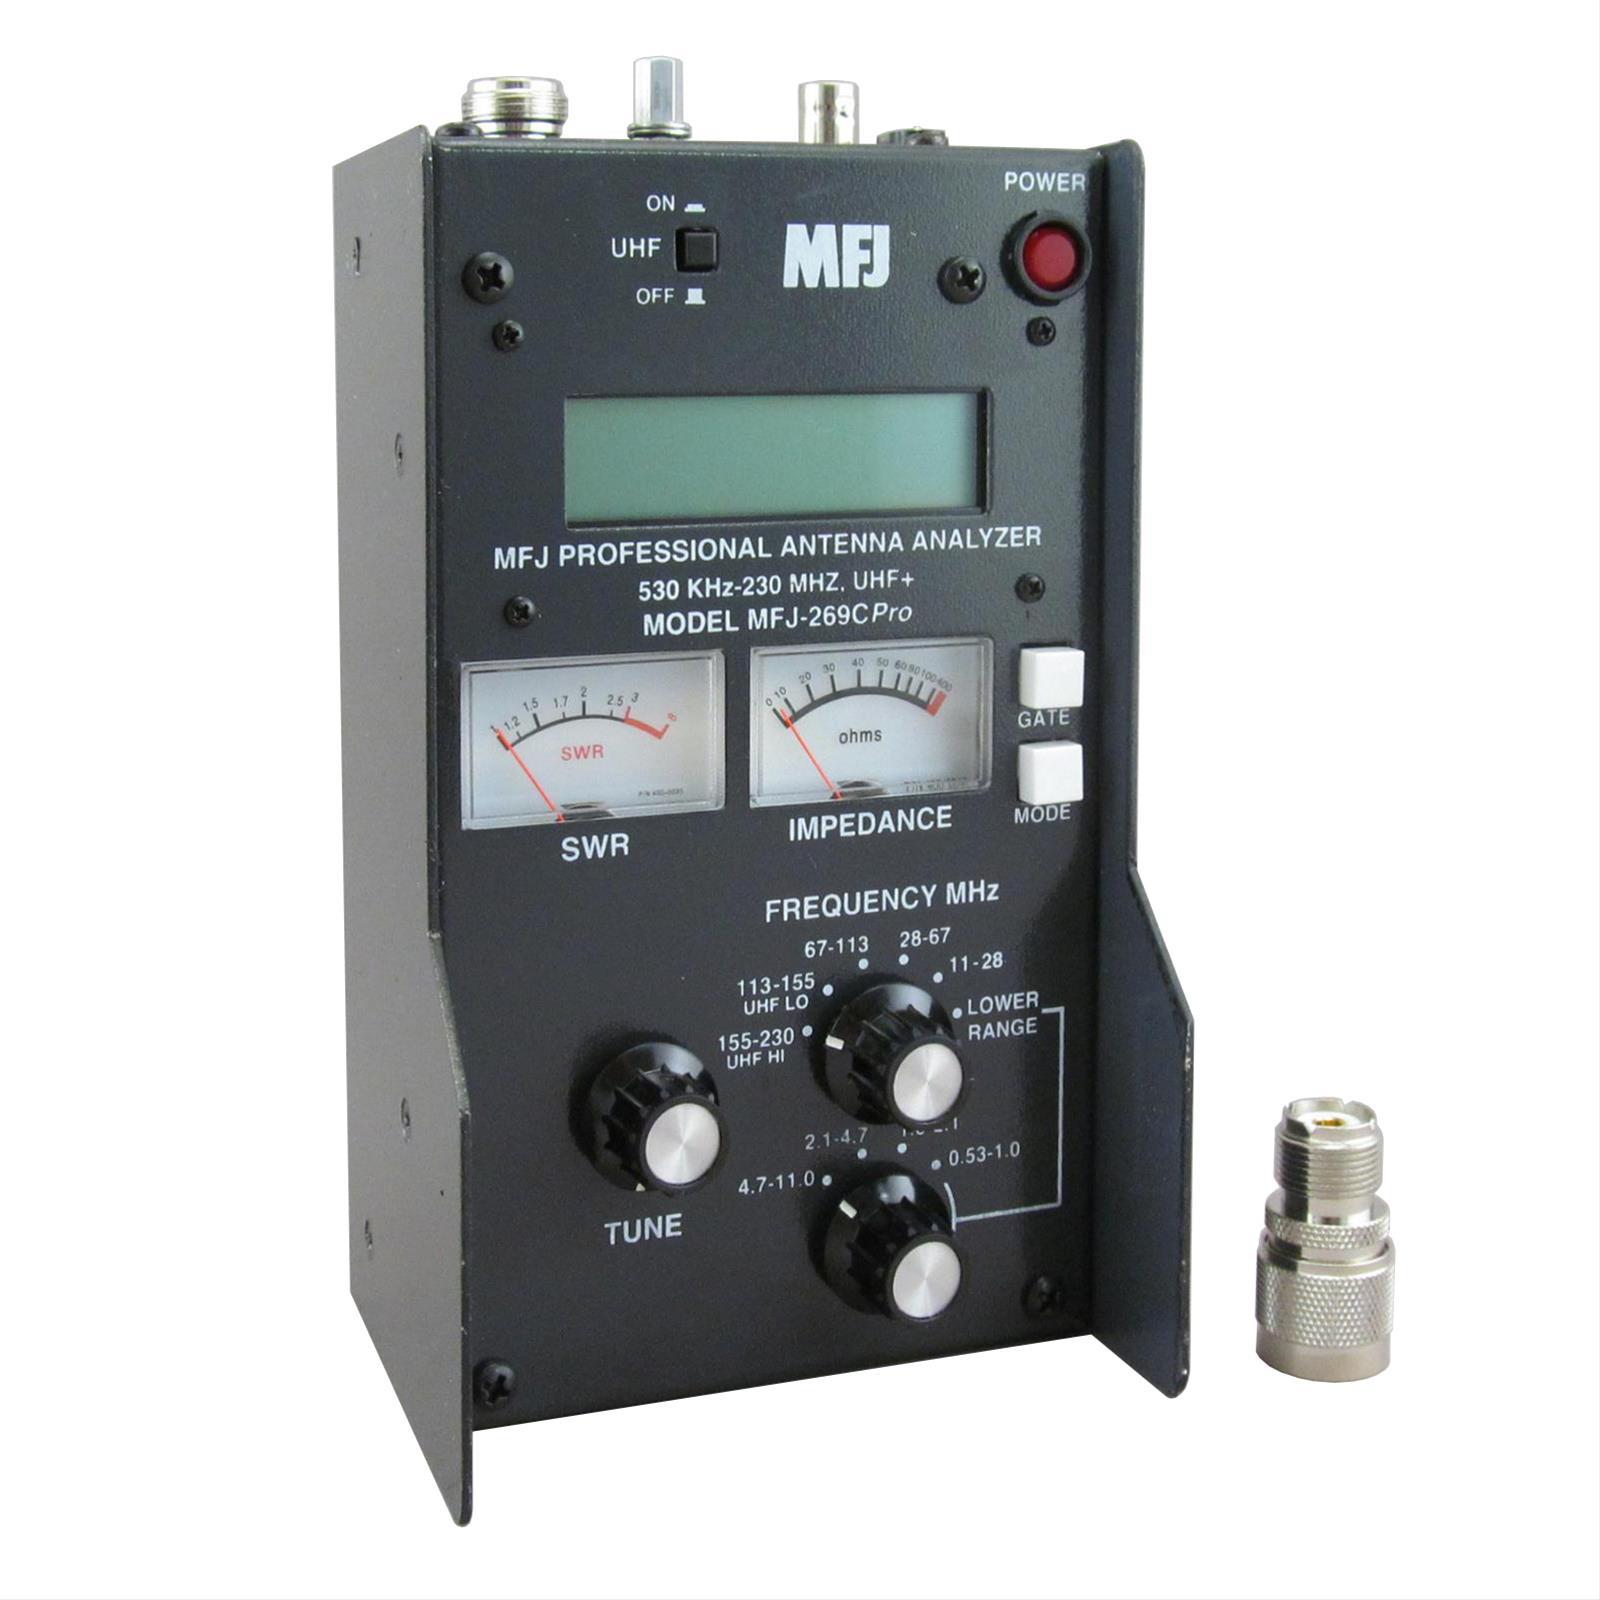 269: MFJ 269C Pro RF Analyzers MFJ-269CPRO